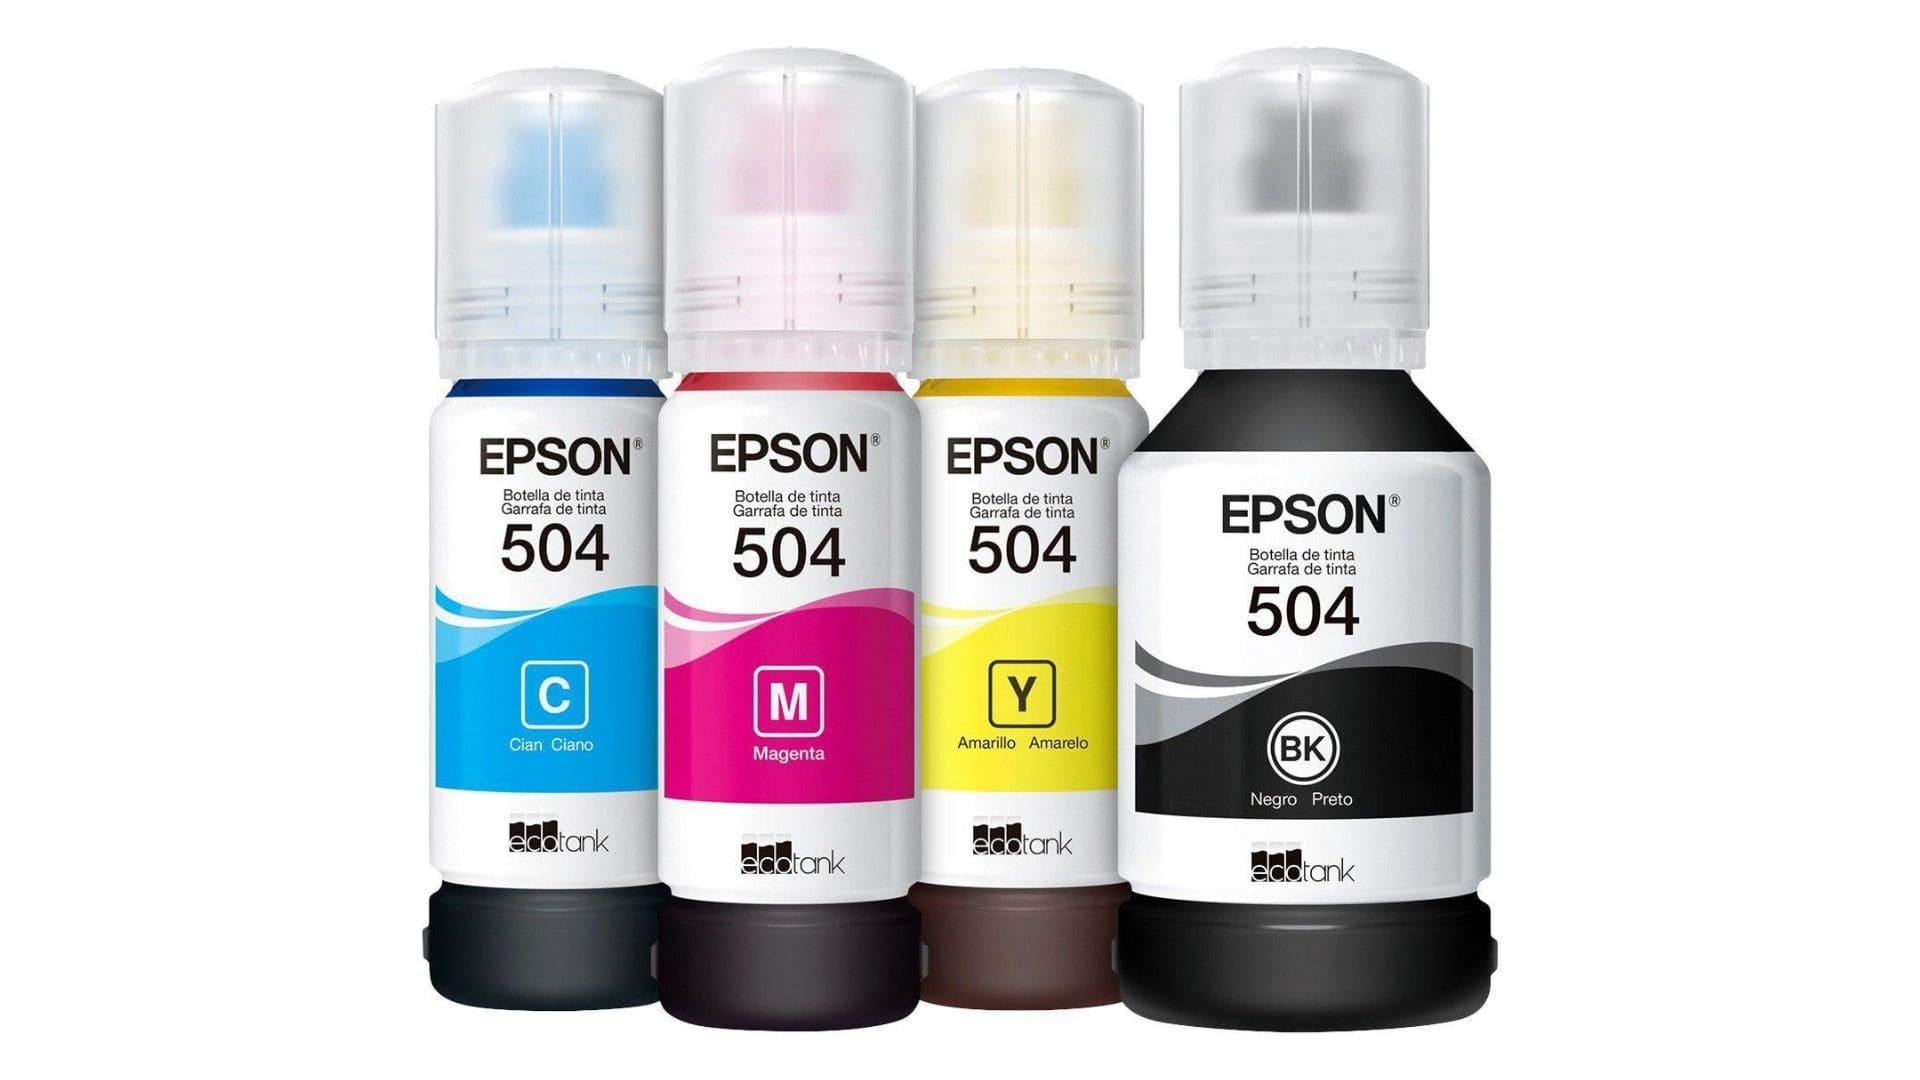 Quatro garrafas de tinta para impressora epson: preta, azul, magenta e amarelo